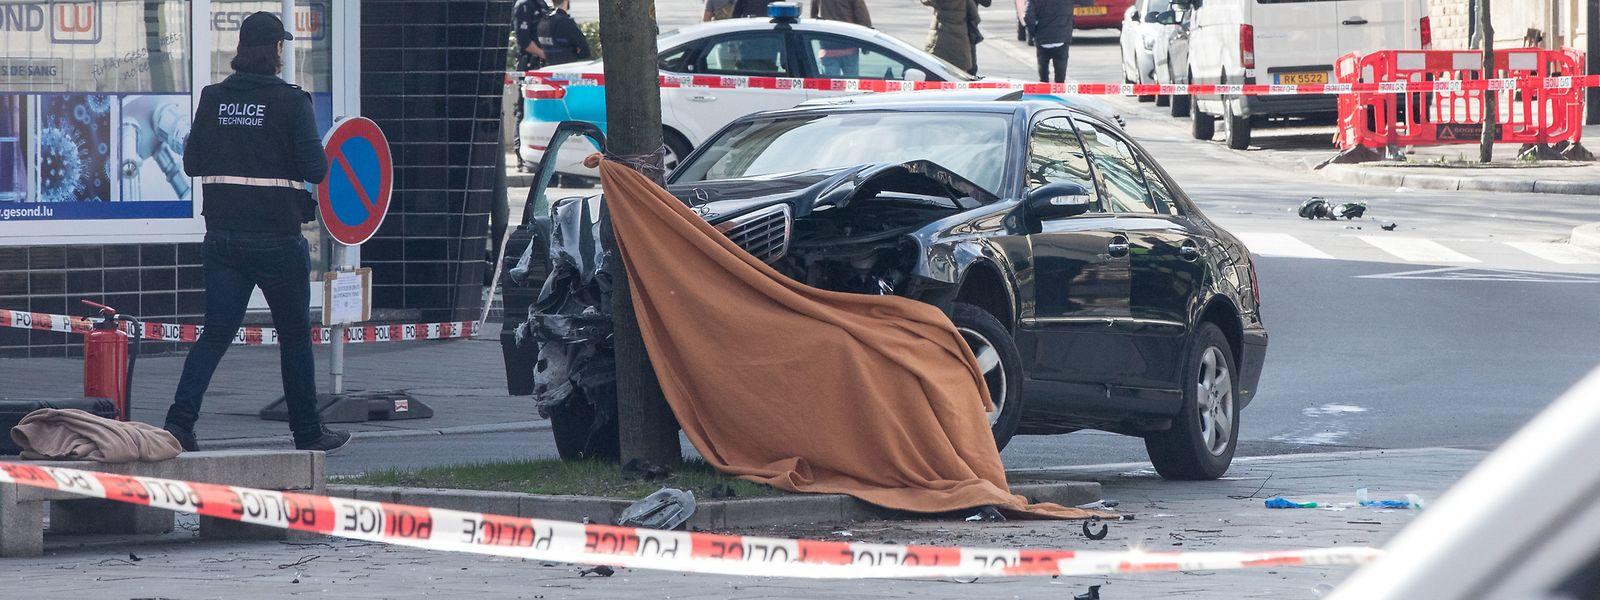 Die Generalinspektion wird auch eingeschaltet, wenn ein Polizist seine Dienstwaffe einsetzt. So ermittelte sie auch, als im April 2018 in Bonneweg ein Mann bei einem Angriff auf einen Polizisten getötet wurde. Die Staatsanwaltschaft beschuldigt den Beamten der vorsätzlichen Tötung.